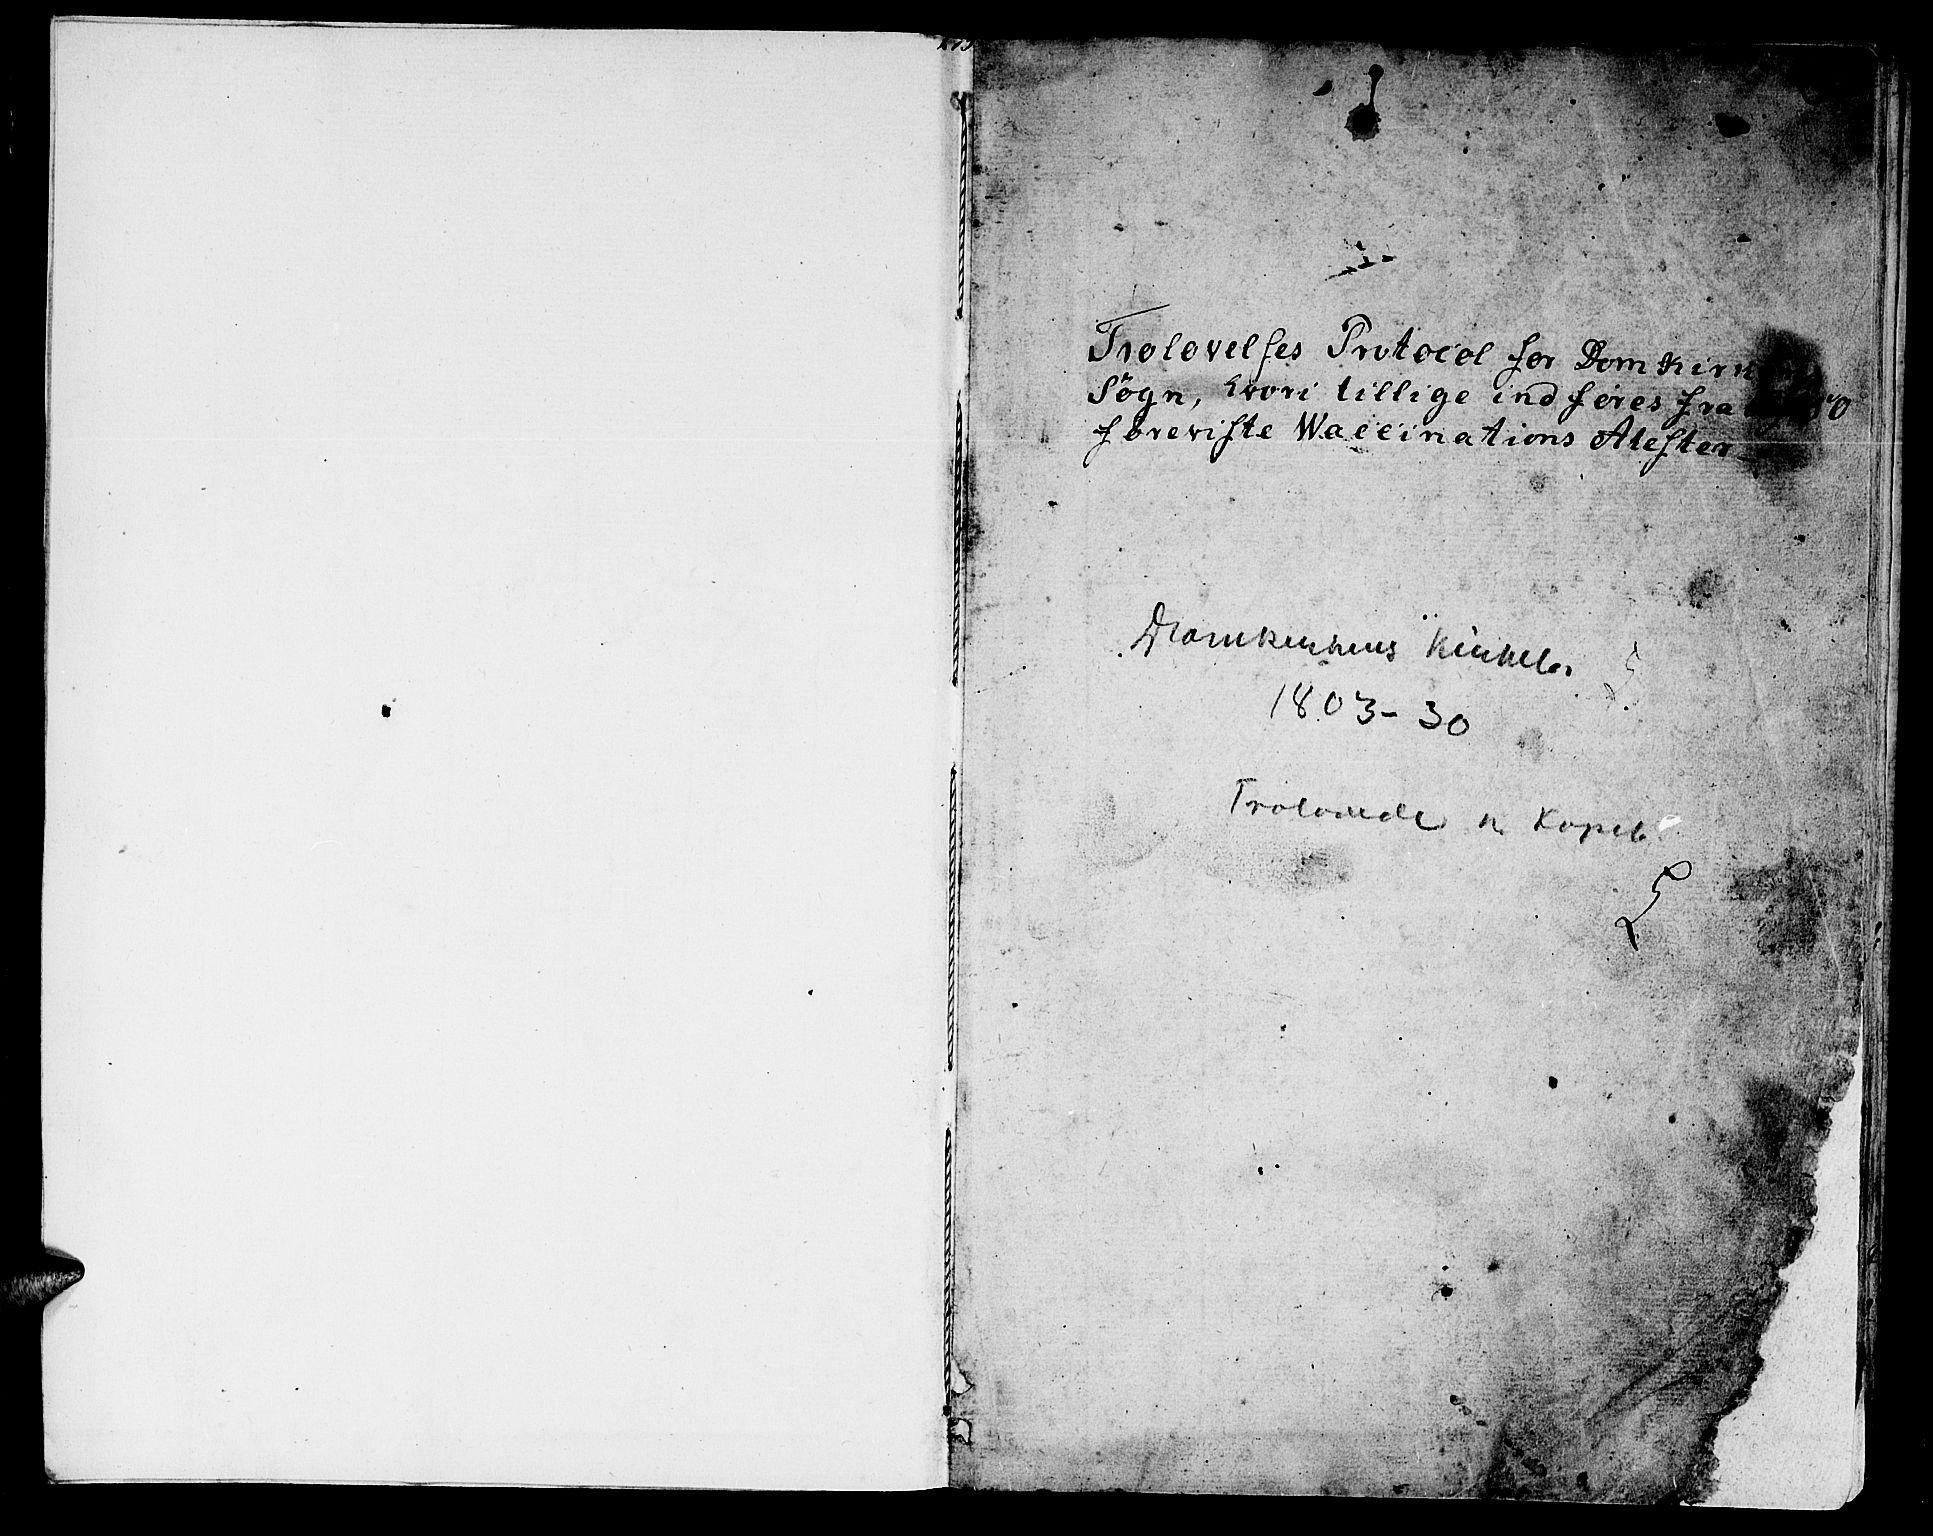 SAT, Ministerialprotokoller, klokkerbøker og fødselsregistre - Sør-Trøndelag, 601/L0042: Ministerialbok nr. 601A10, 1802-1830, s. 2-3